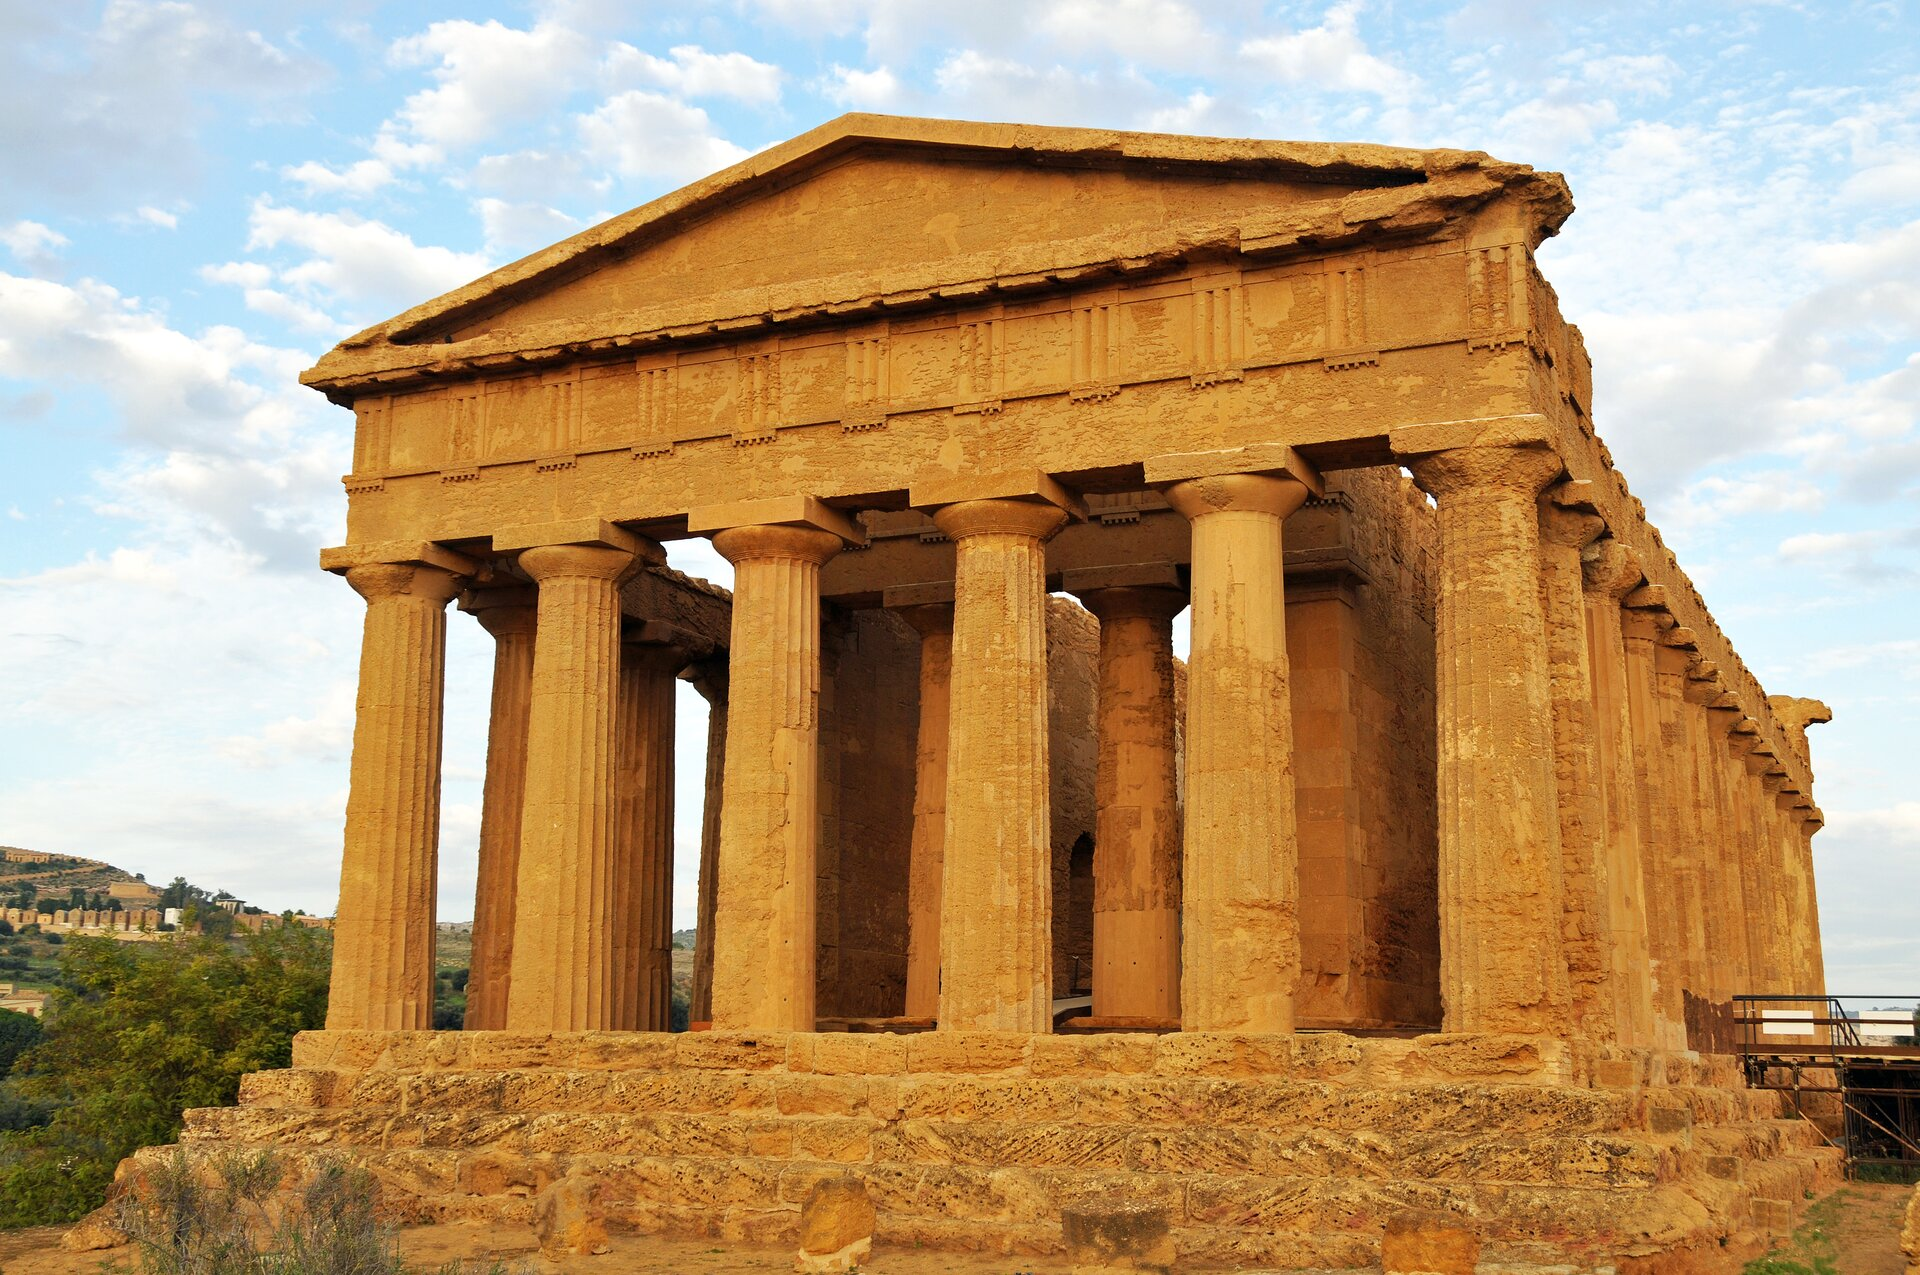 """Ilustracja przedstawia fotografię """"Świątyni Concordii"""". Fotografia ukazuje budynek Świątyni Concordii znajdującej się wDolinie Świątyń, wAgrigento, na Sycylii, we Włoszech. Budynek składa się zwielu wysokich, pionowych filarów podpierających pozostałości dachu świątyni."""